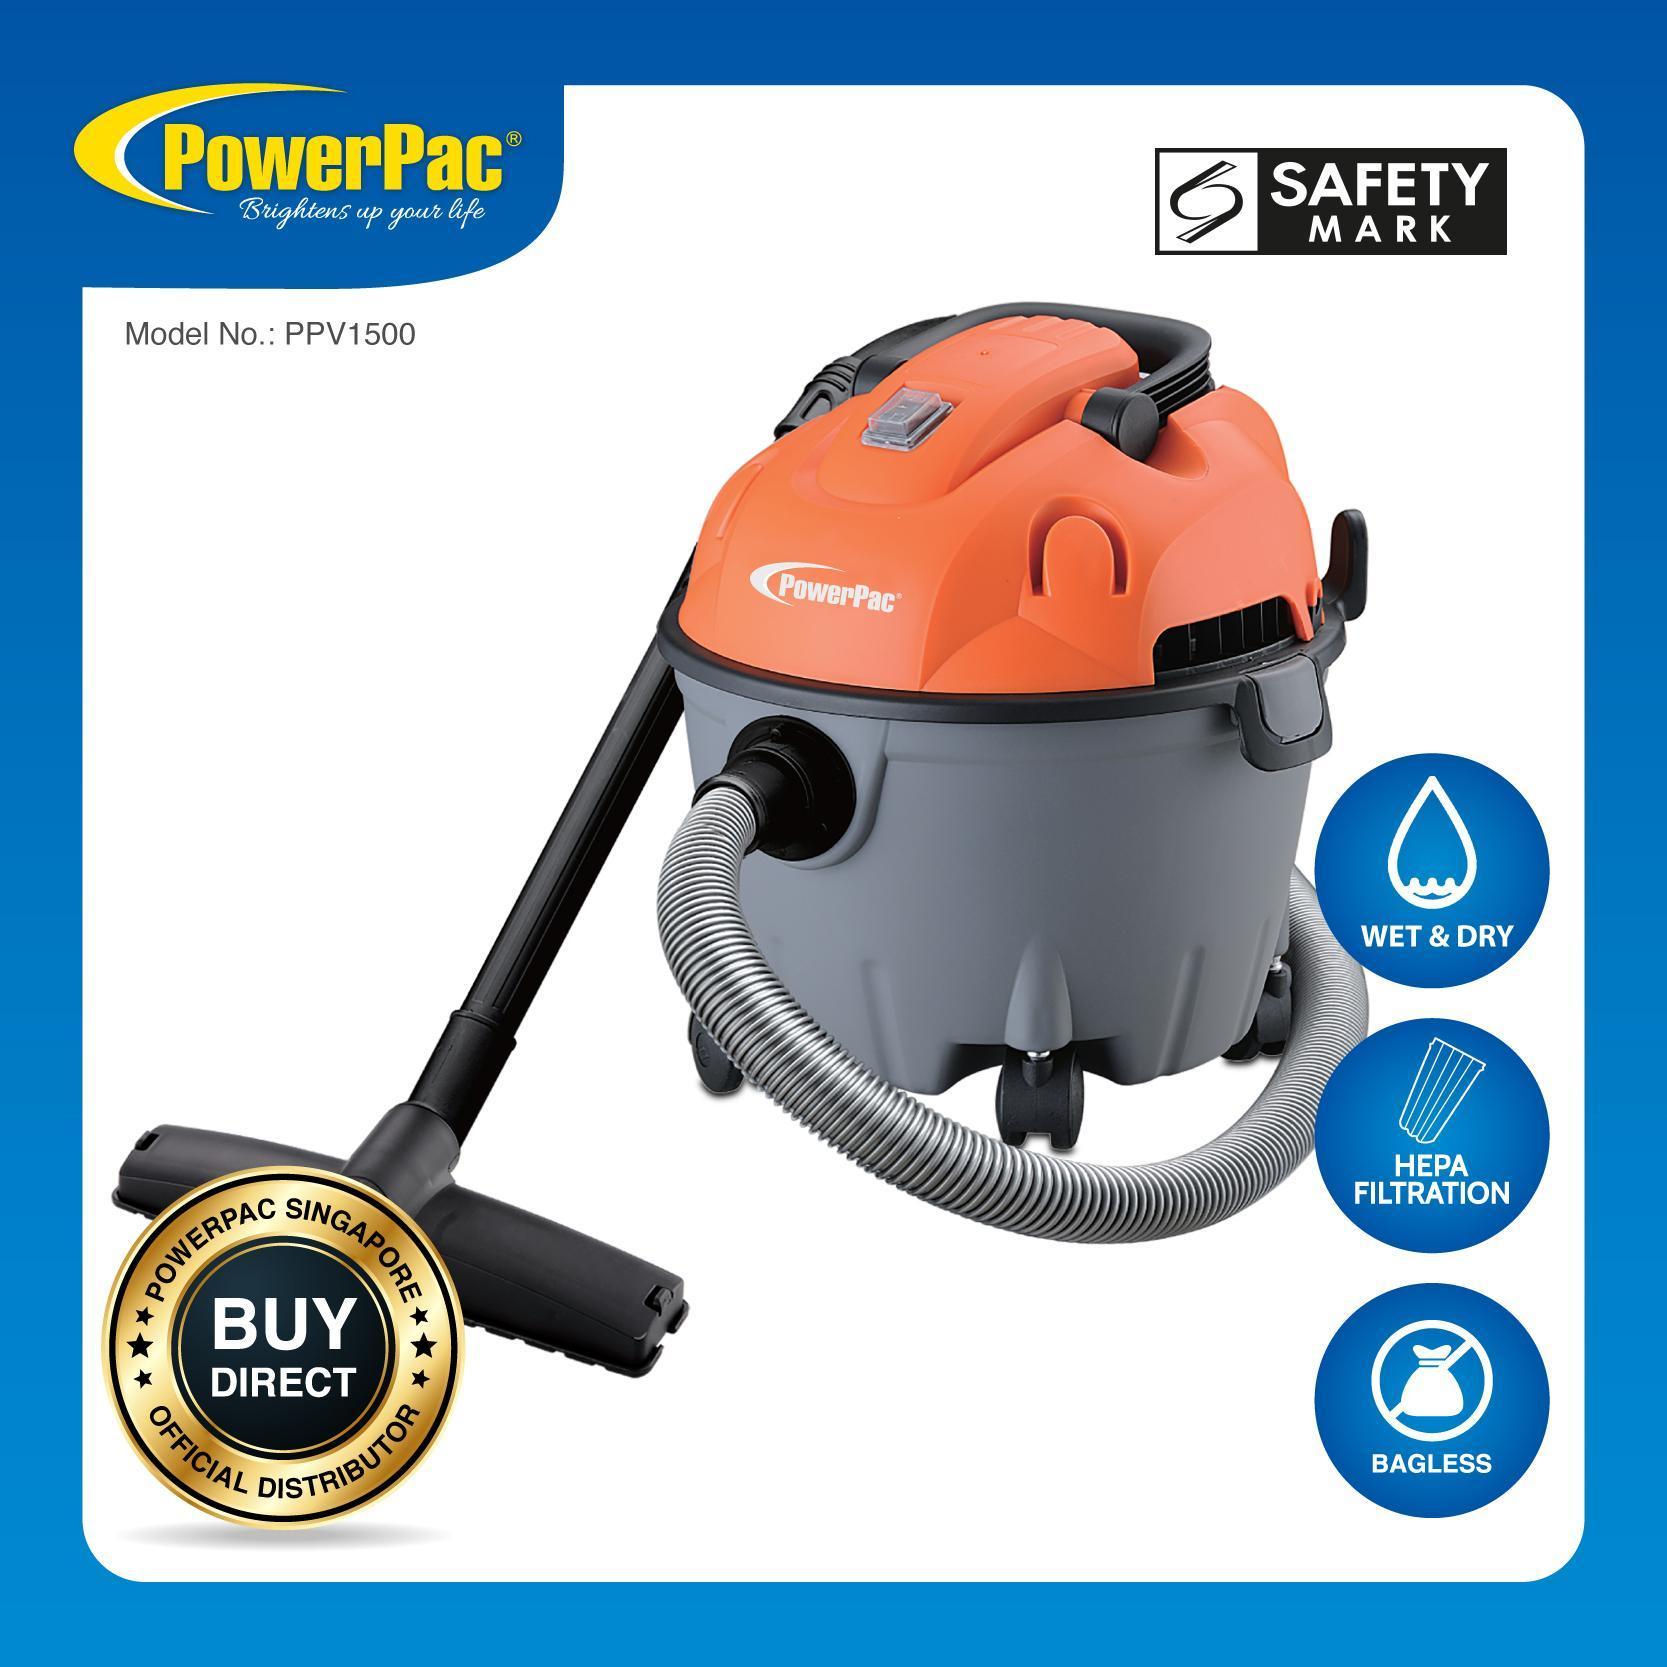 Buy Vacuum Cleaner Robotic Handstick Lazada Black Decker Wet And Dry Powerpac 1200 Watts Ppv1500